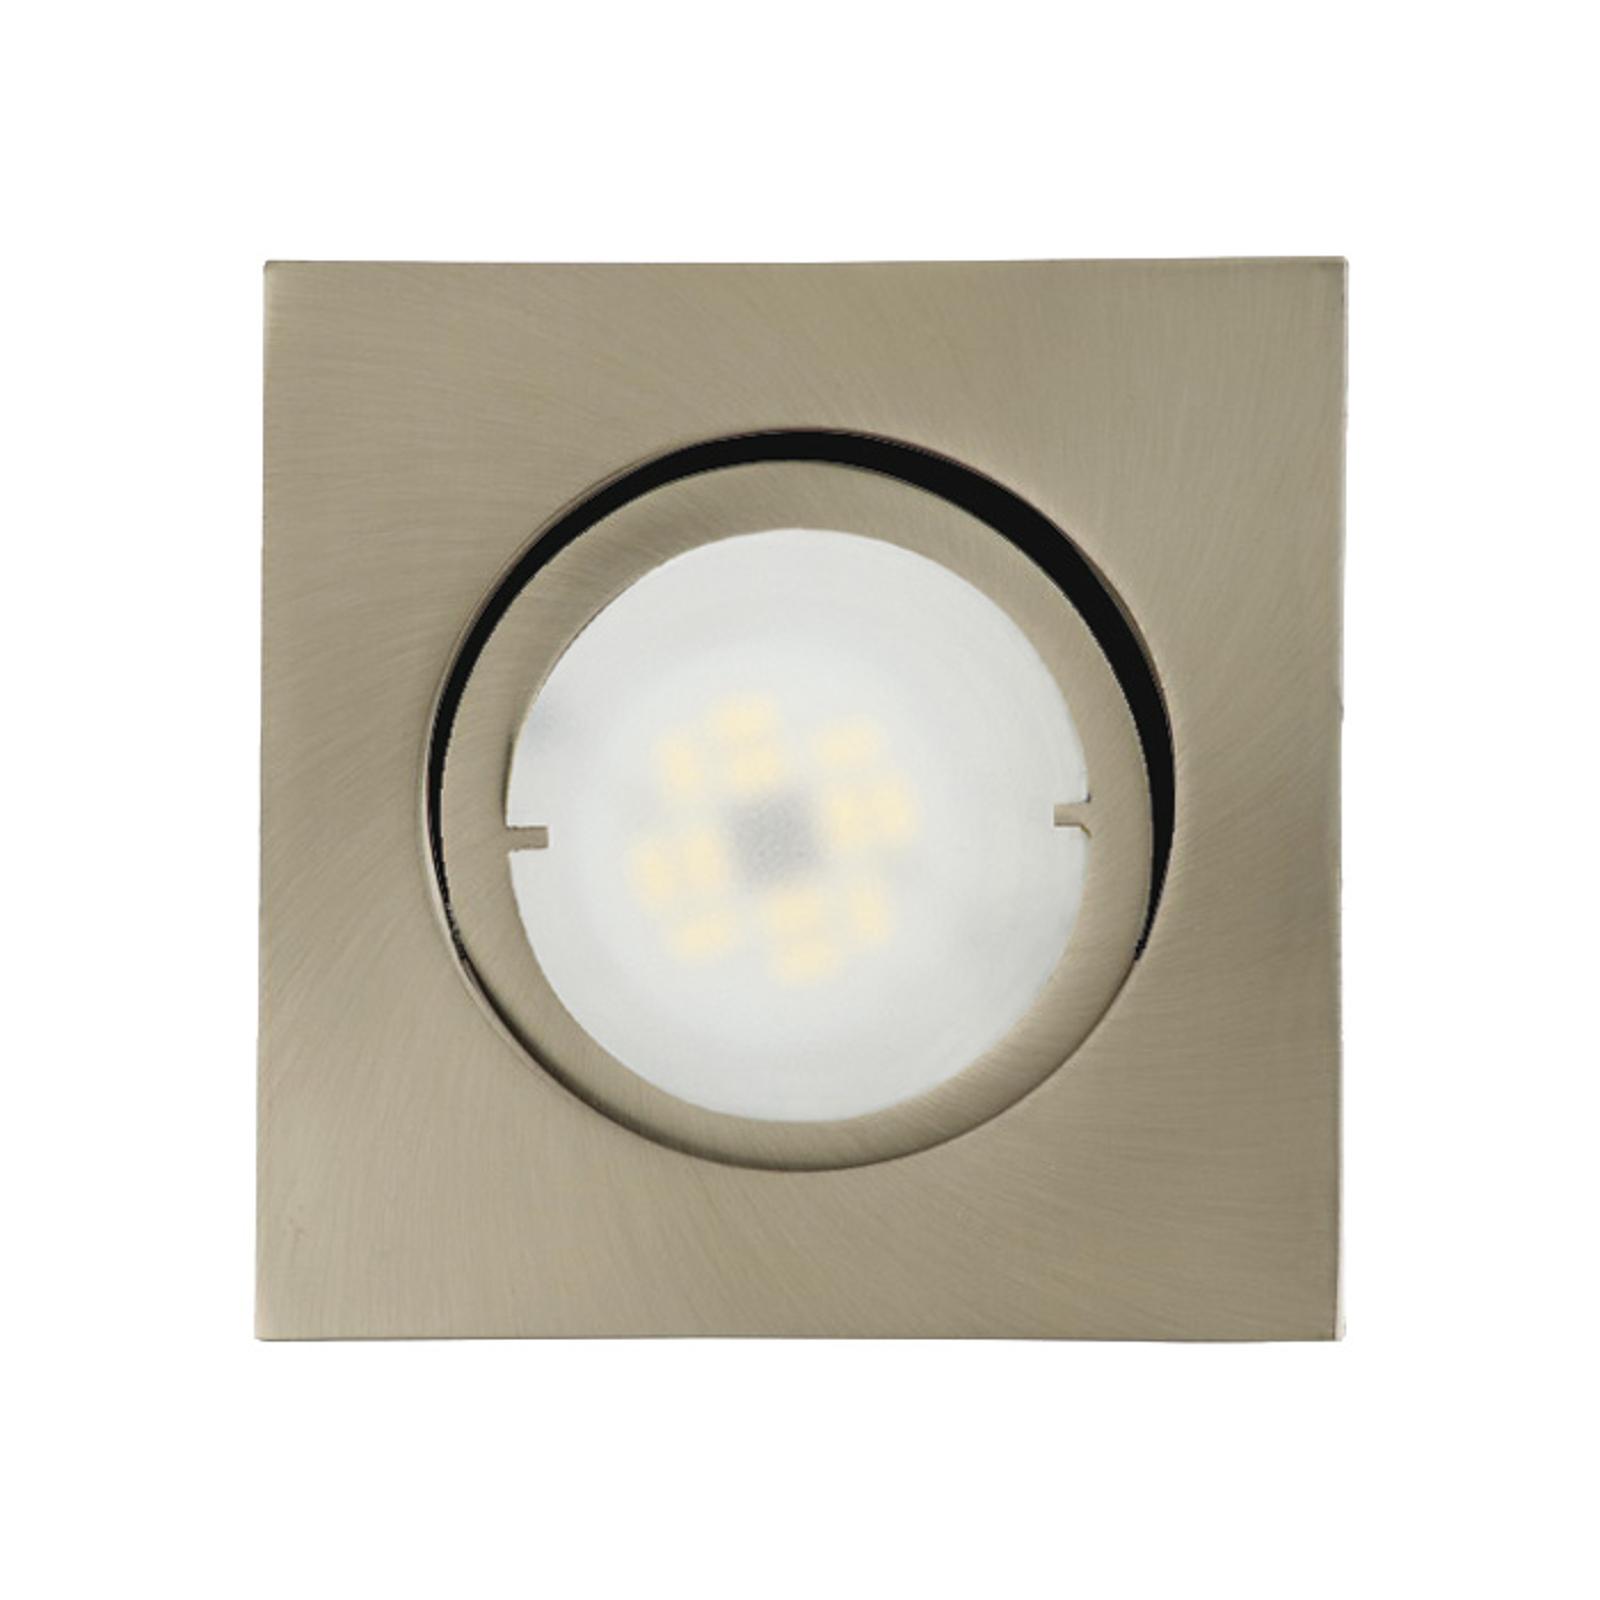 Joanie - LED-Einbauleuchte, eisen gebürstet